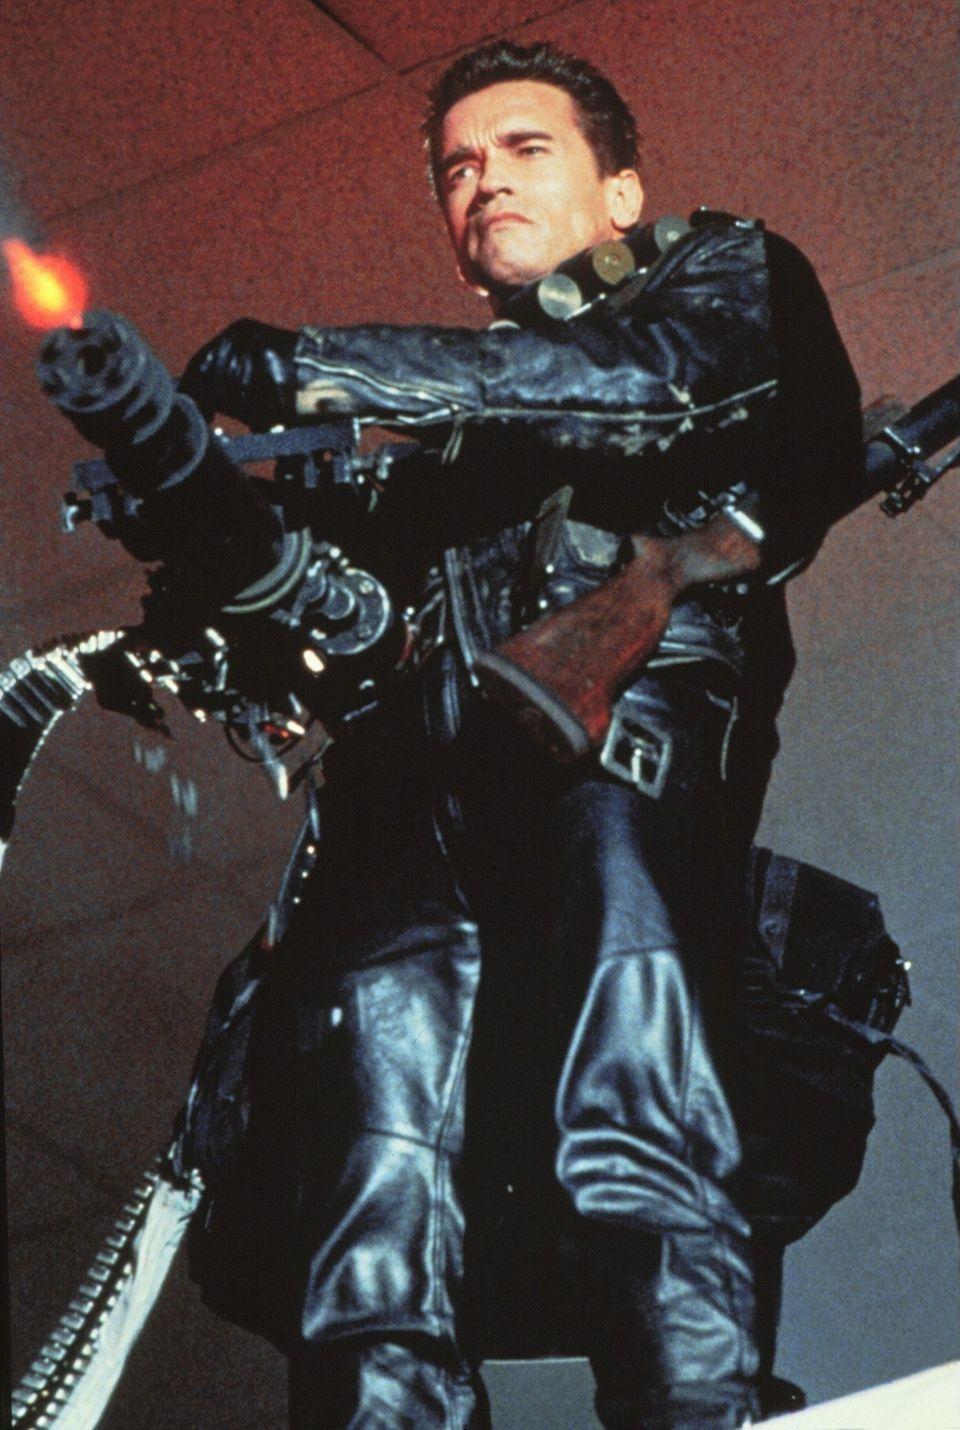 Arnold Schwarzenegger in seiner wohl bekanntesten Rolle: Als wortkarger Cyborg aus der Zukunft ballert er sich in die Herzen der Action-Fans.